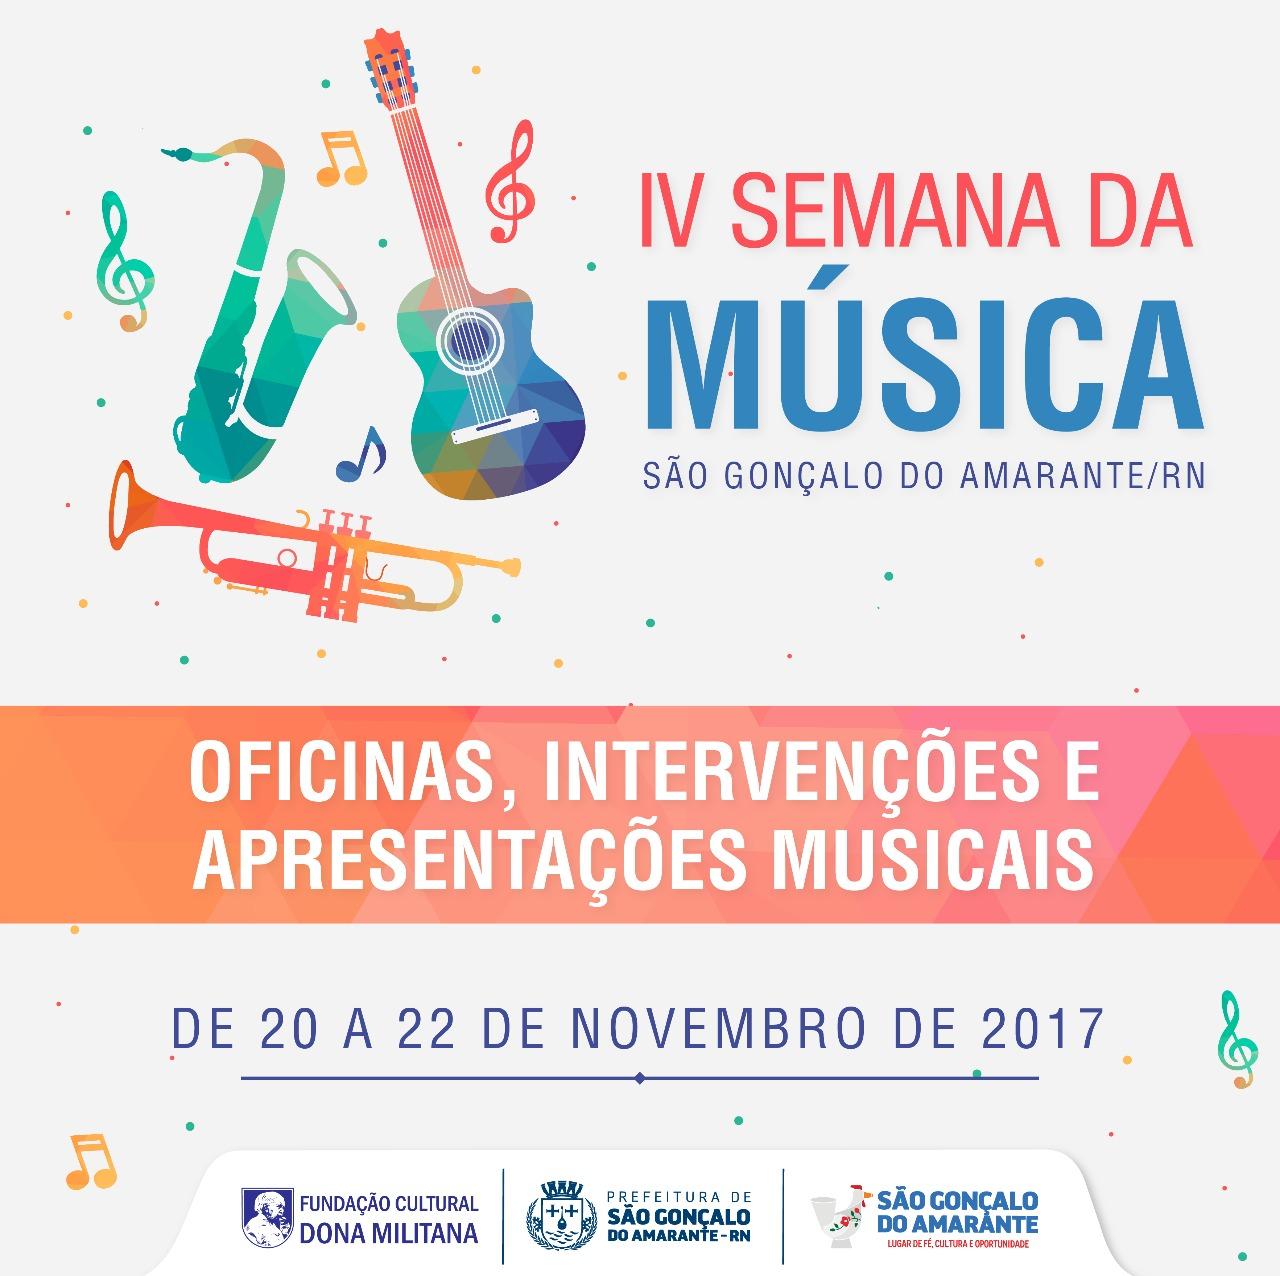 Semana da Música acontece de 20 a 22 de novembro